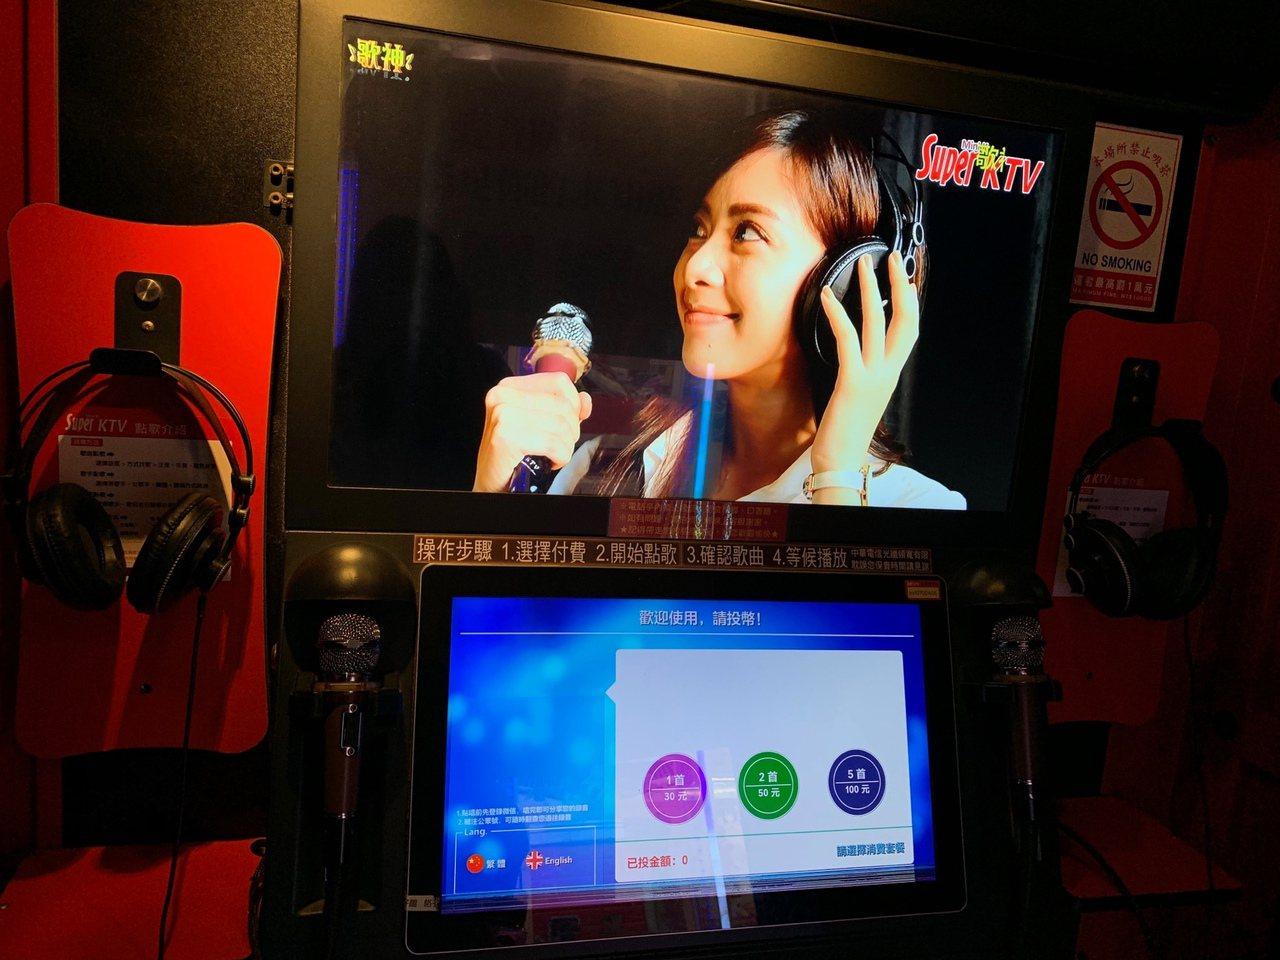 電話亭KTV 供消費者投幣消費歡唱。記者蕭雅娟/攝影